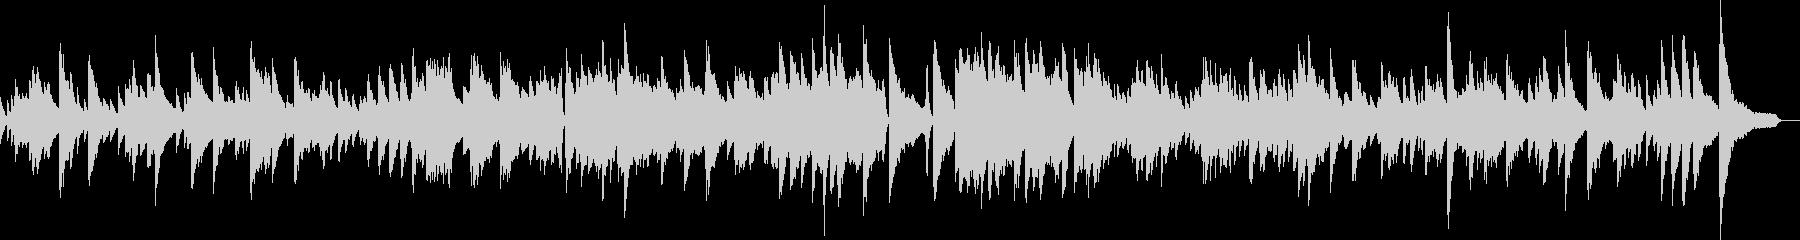 怪しげジャズバラードピアノ生演奏 映像の未再生の波形